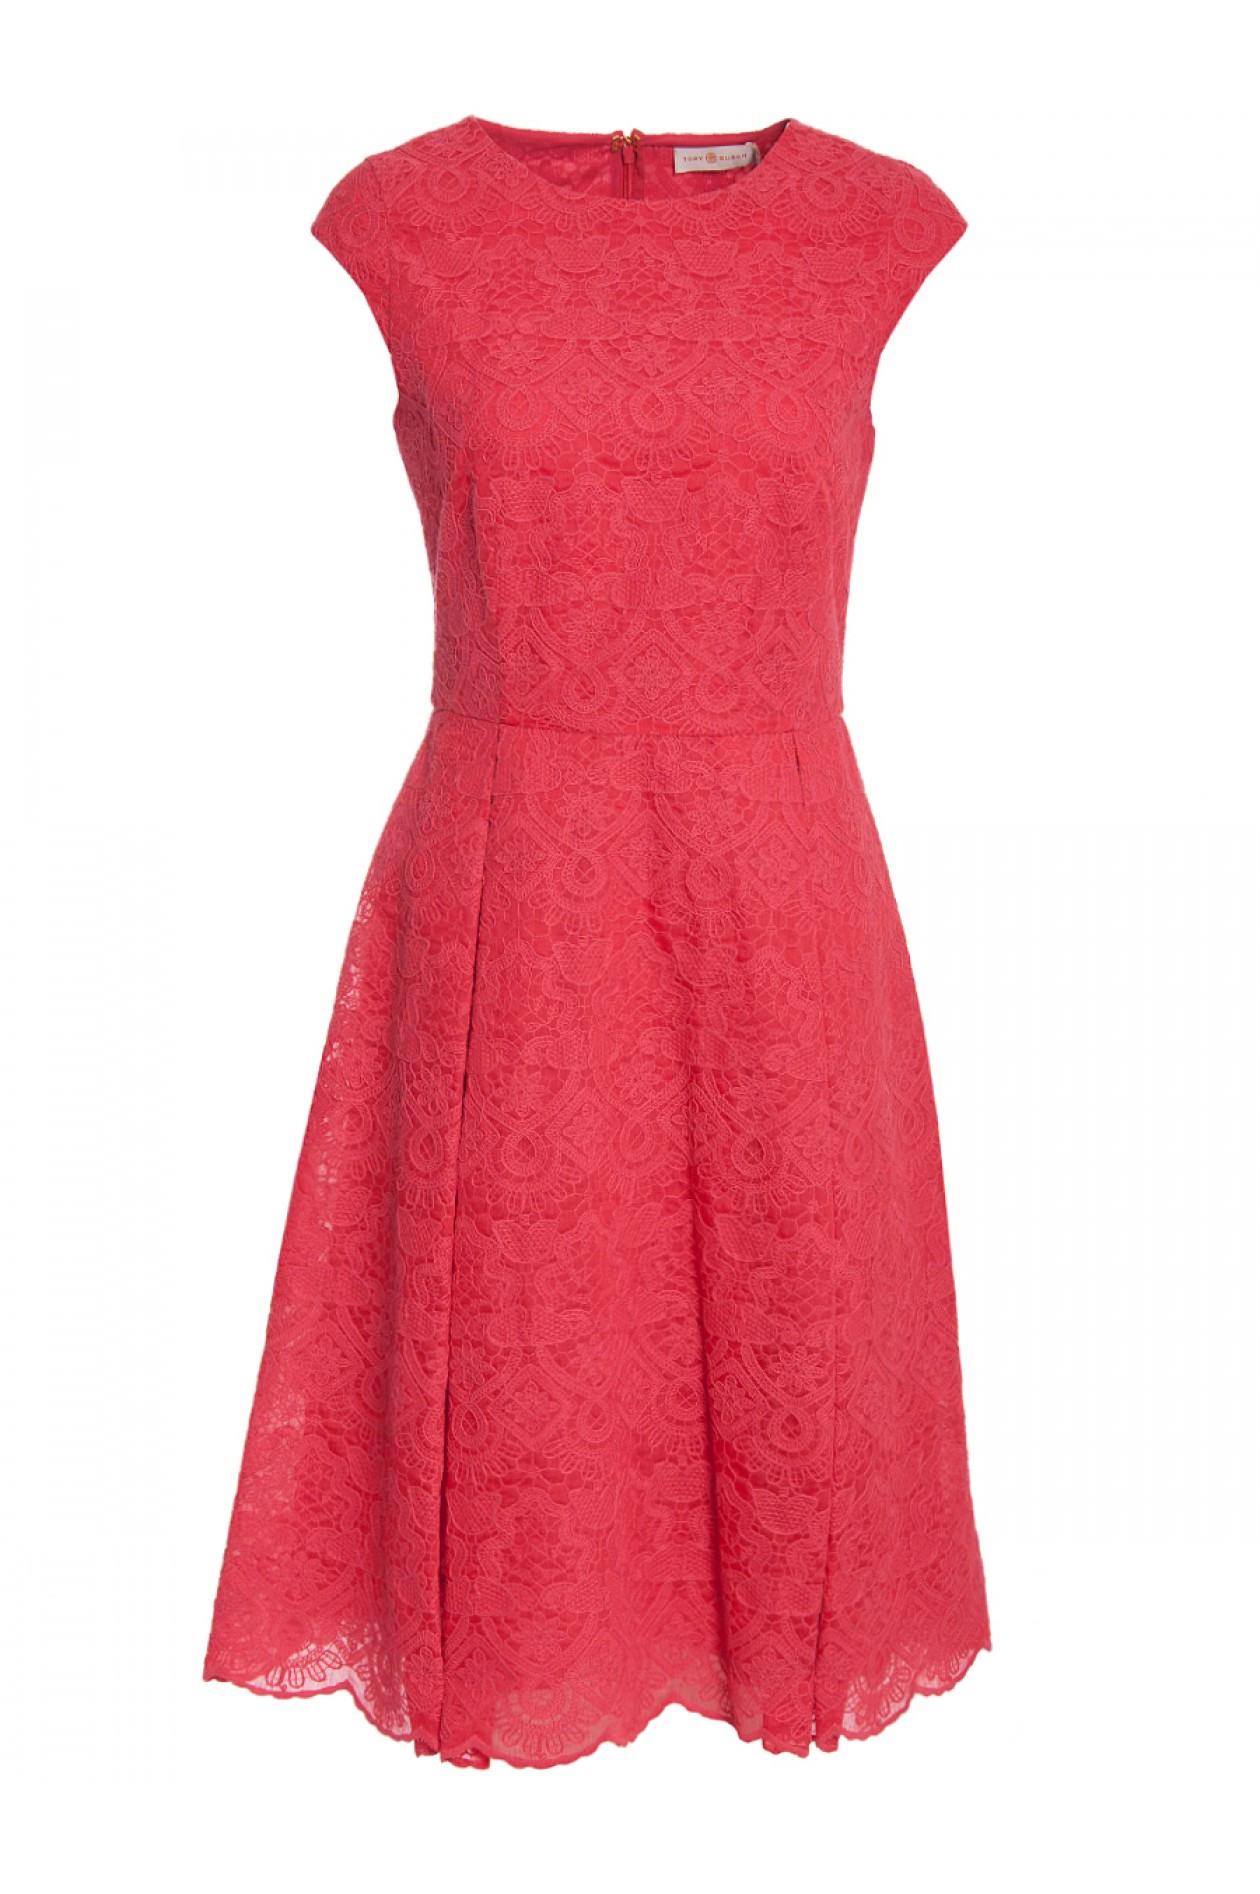 Abend Spektakulär Kleid Koralle Spitze Boutique Einfach Kleid Koralle Spitze Stylish